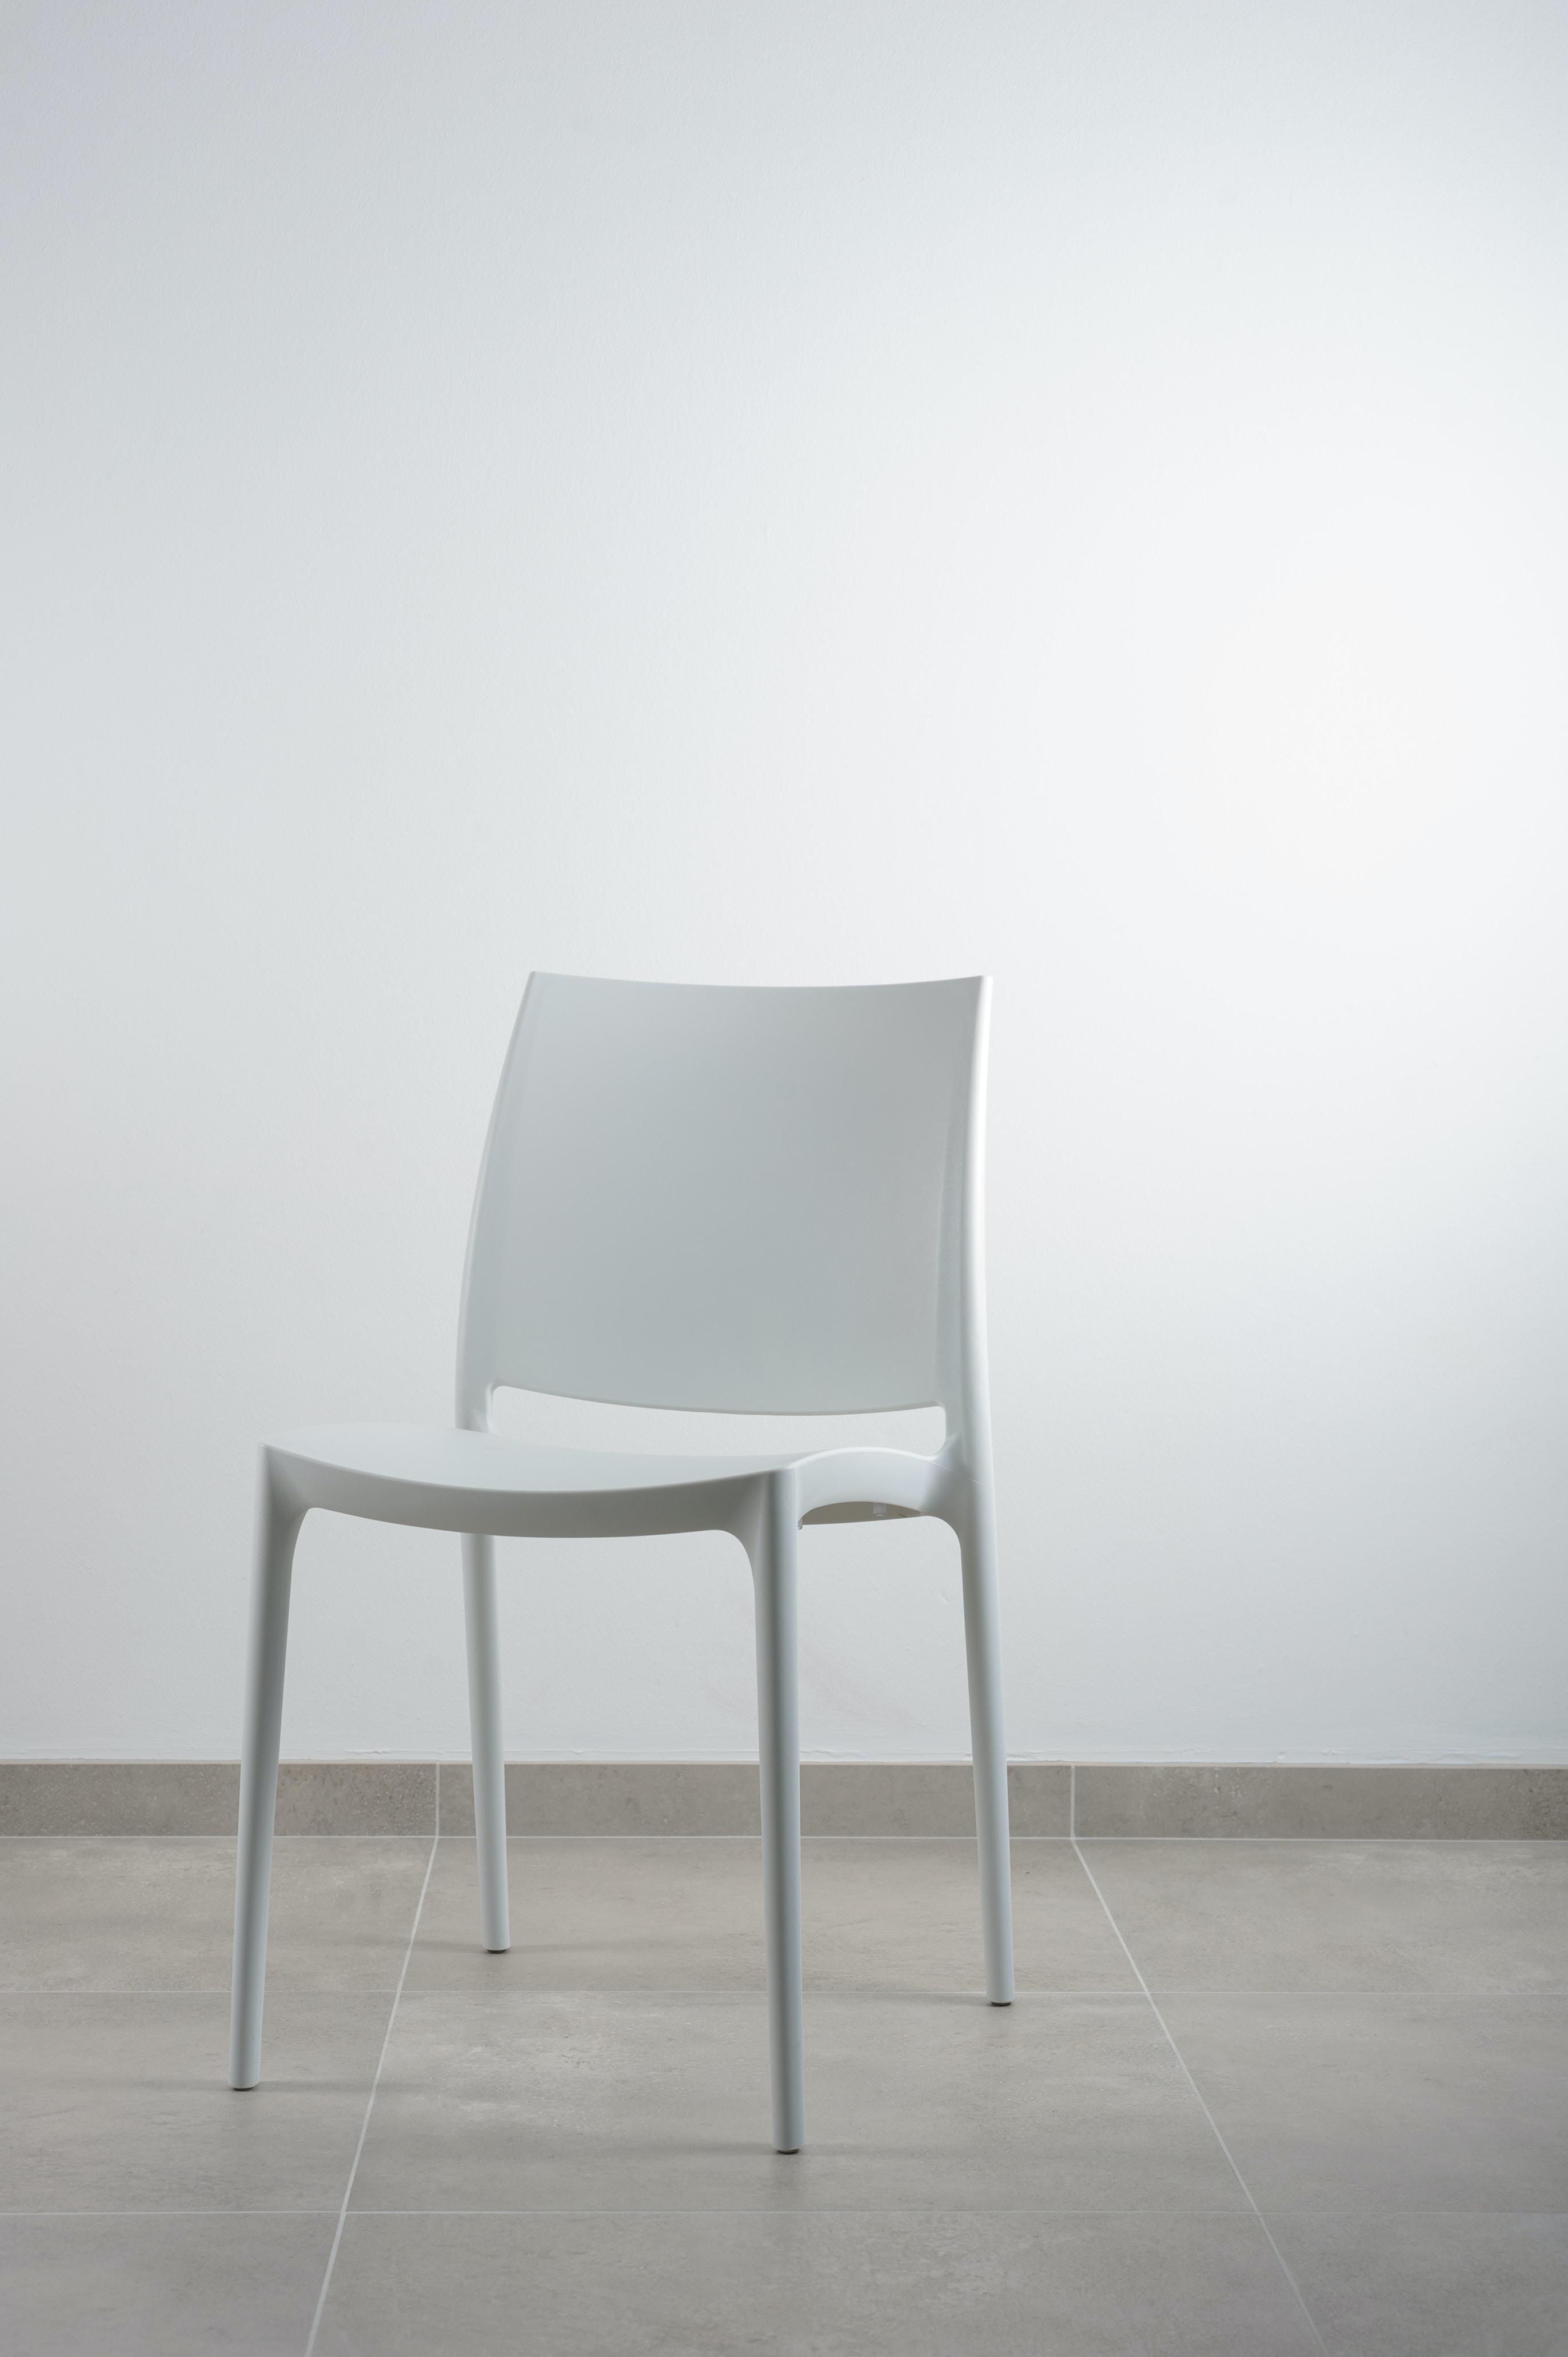 White Armless Chair Near White Wall